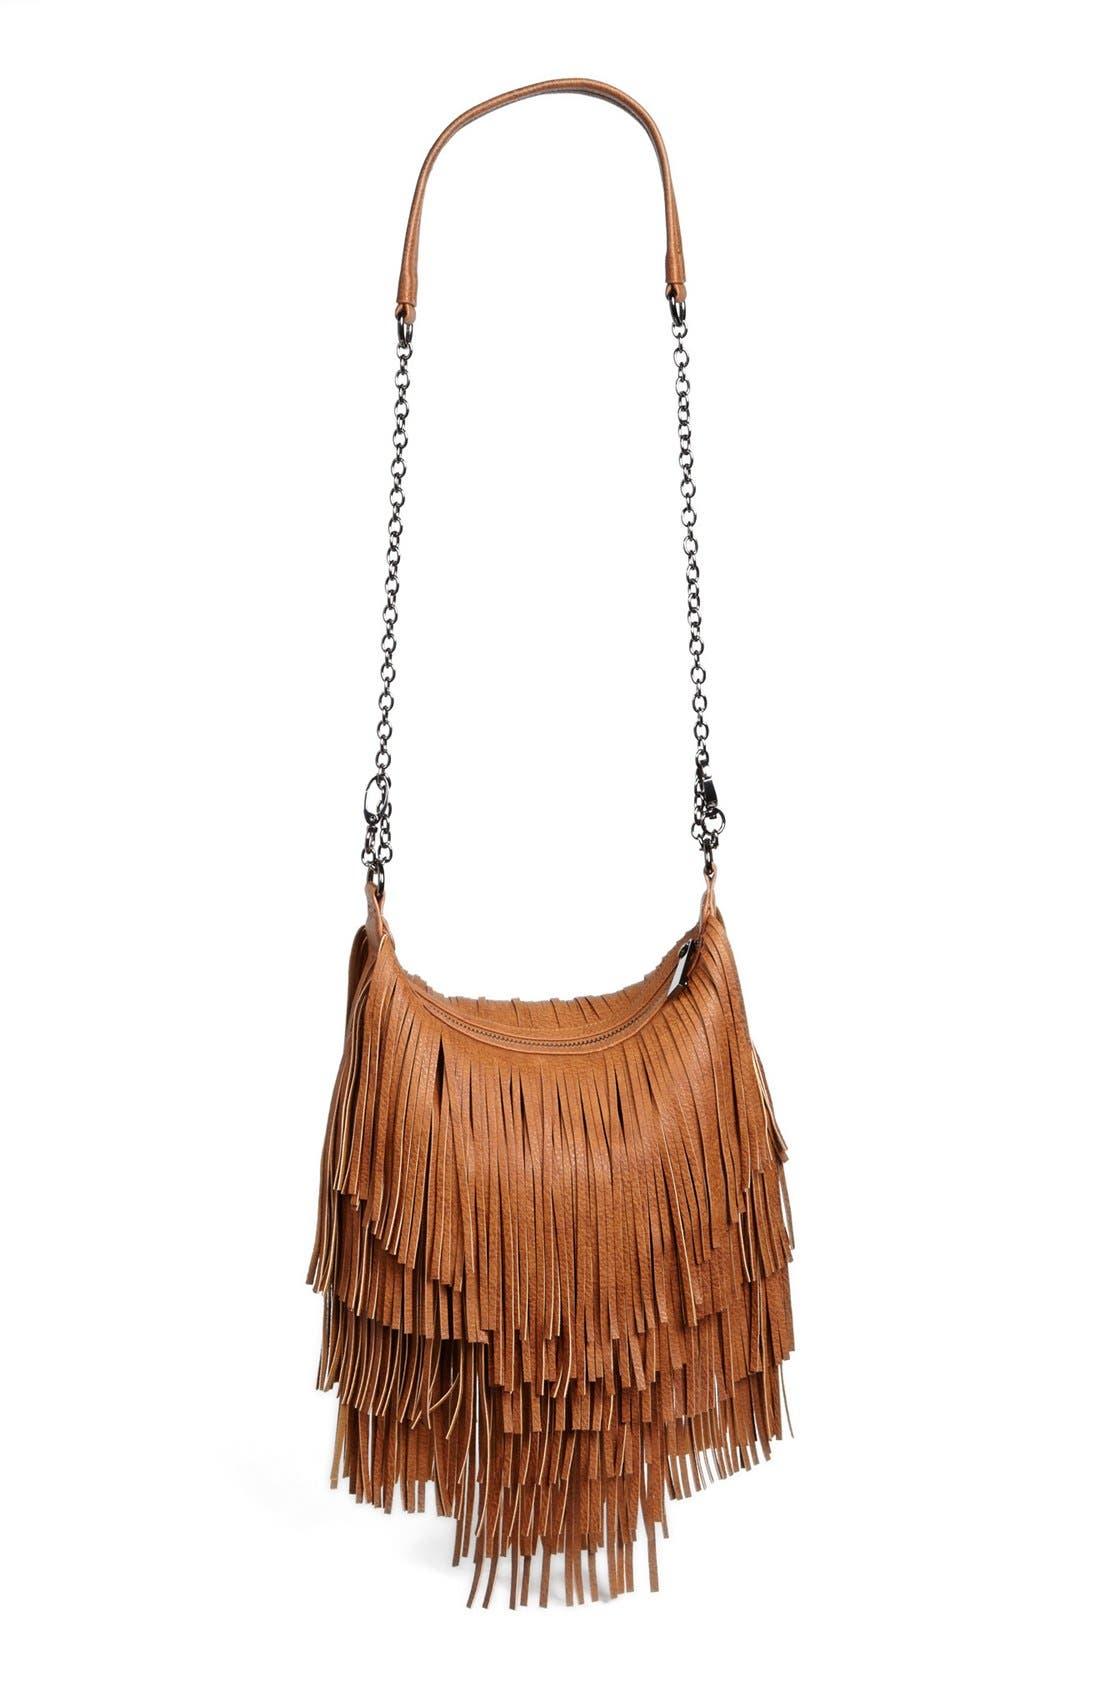 Alternate Image 1 Selected - Steve Madden 'Bmocha' Fringe Crossbody Bag